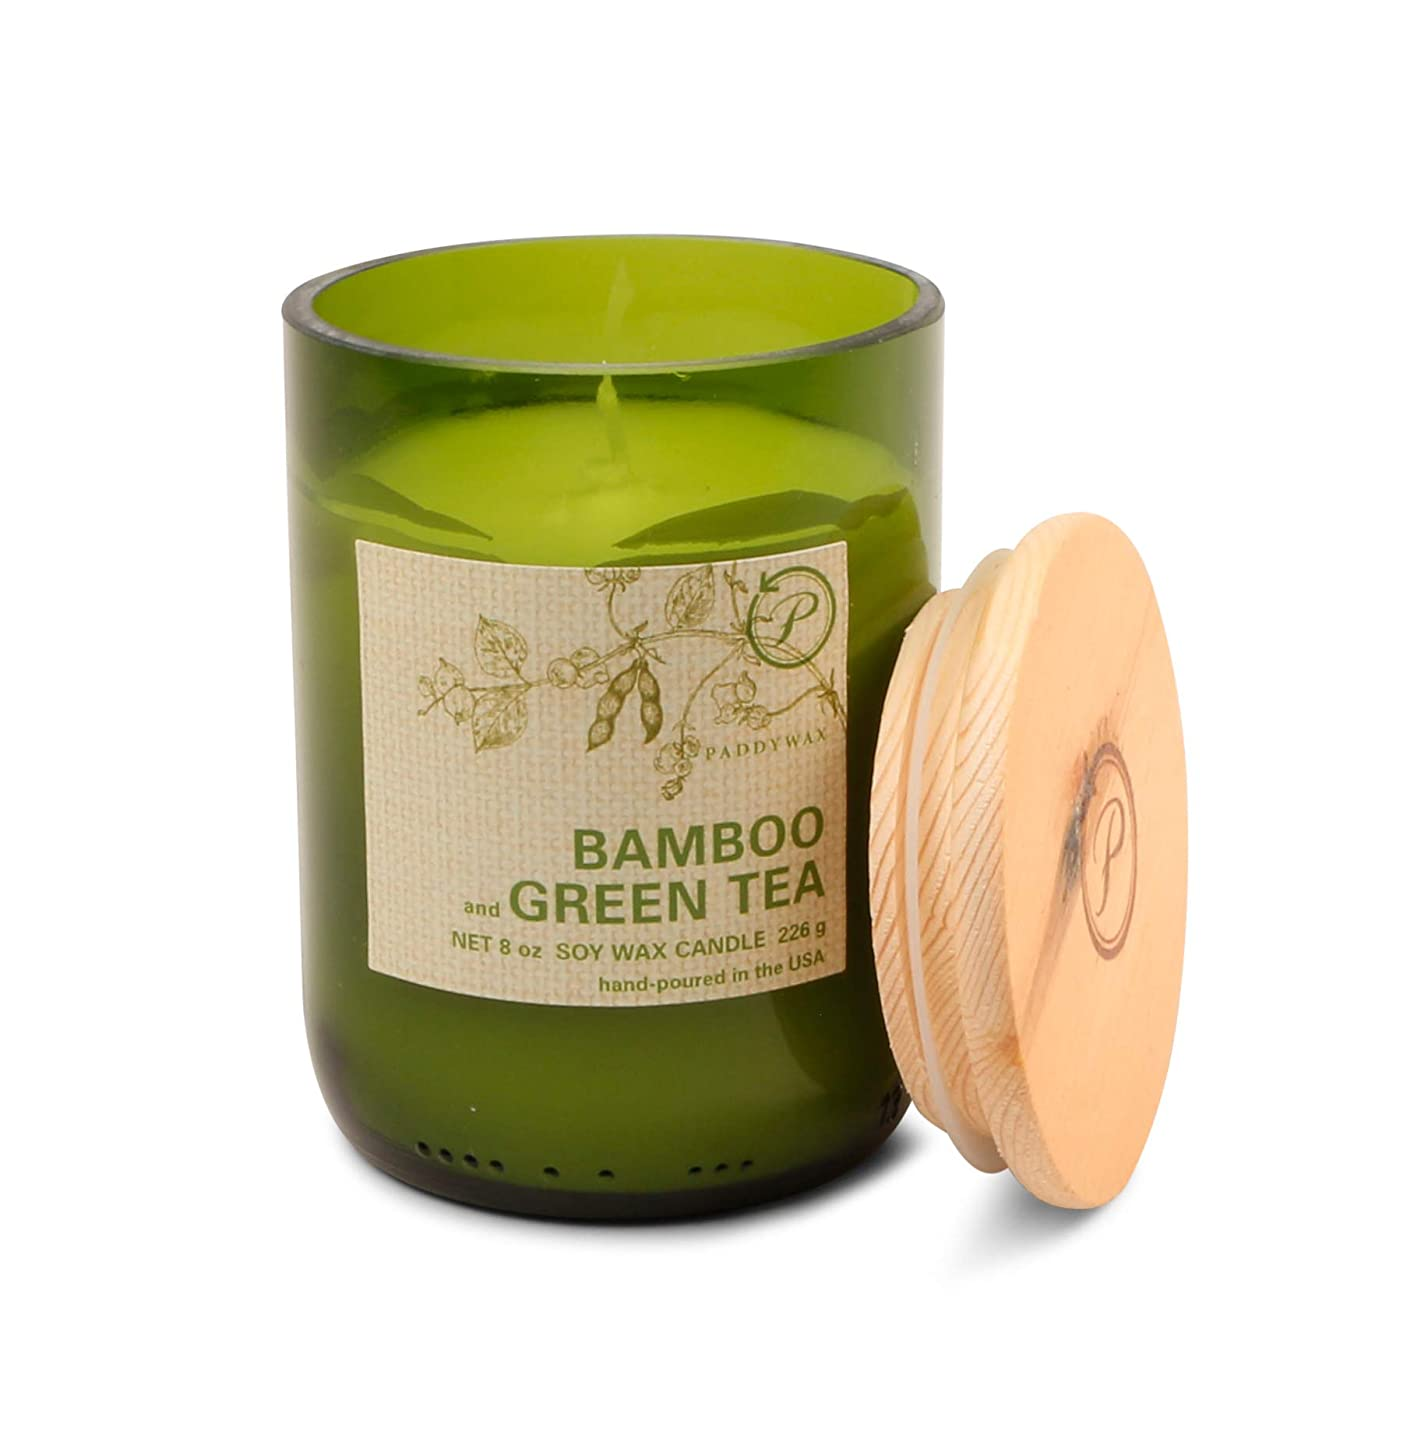 晩ごはん成人期合意パディワックス(PADDYWAX) エコ?グリーン キャンドル(ECO GREEN Candle) バンブー & グリーンティー(BAMBOO and GREEN TEA)